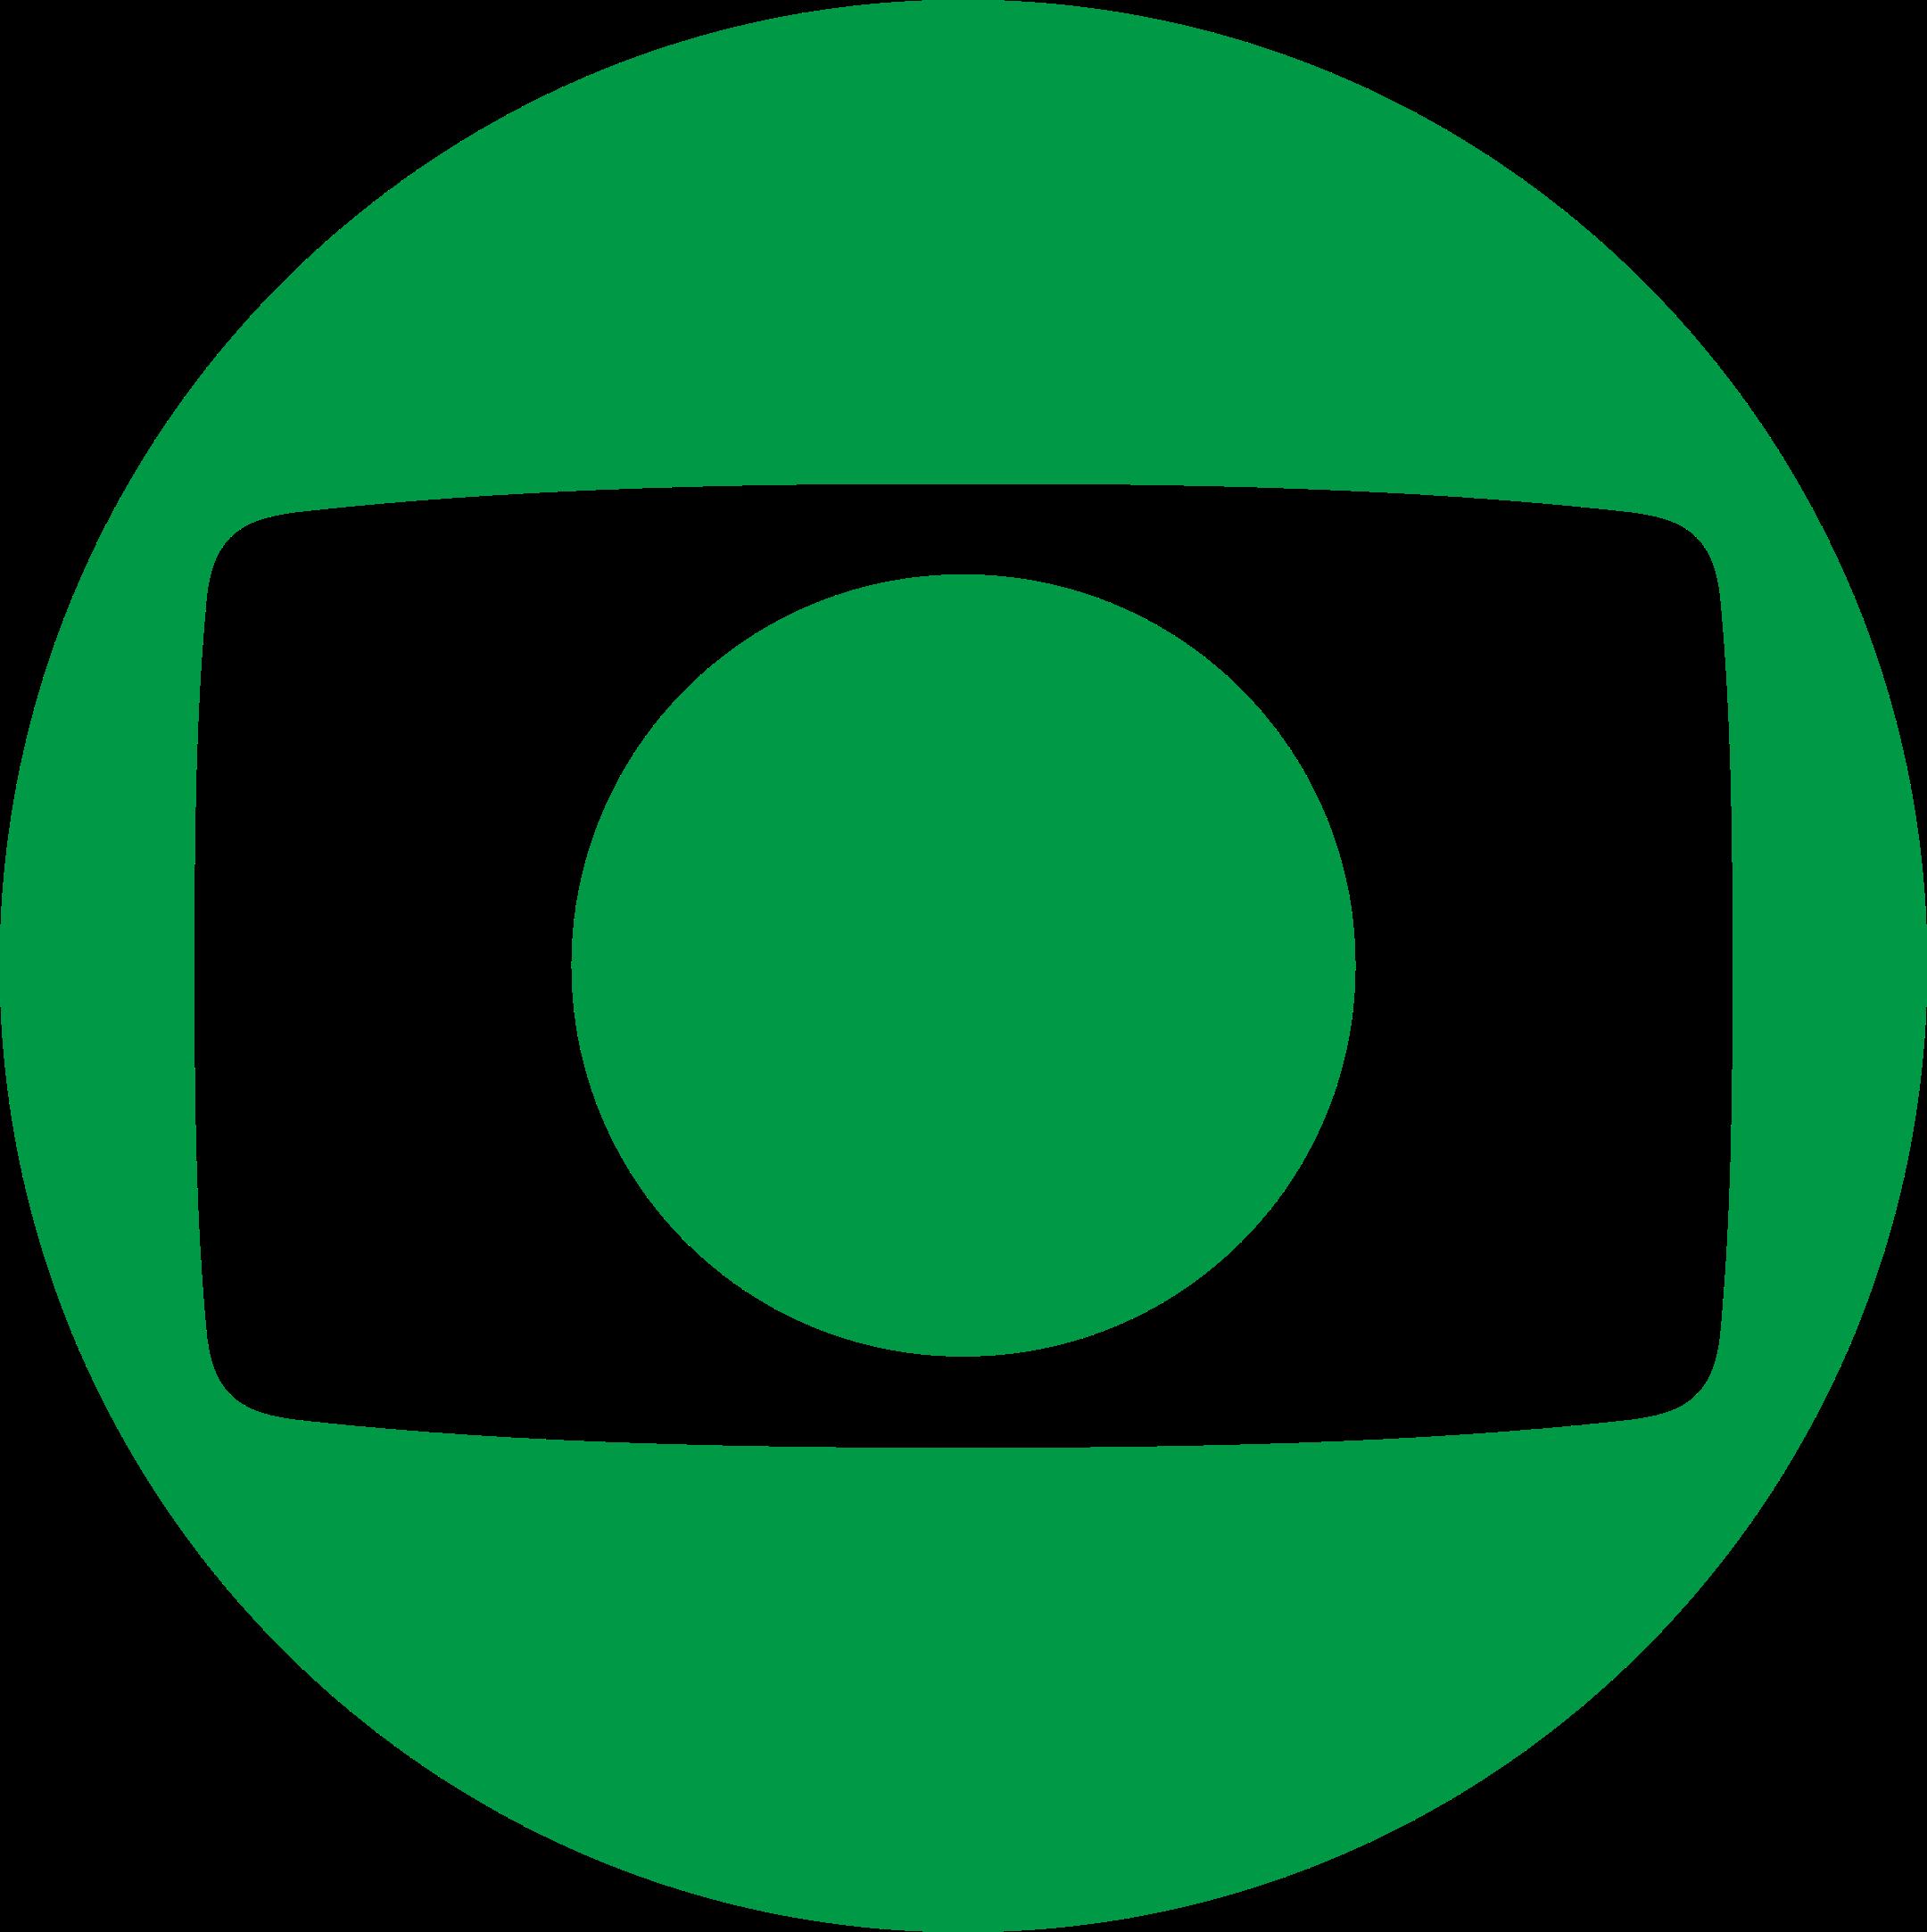 Rede Globo Logo verde,